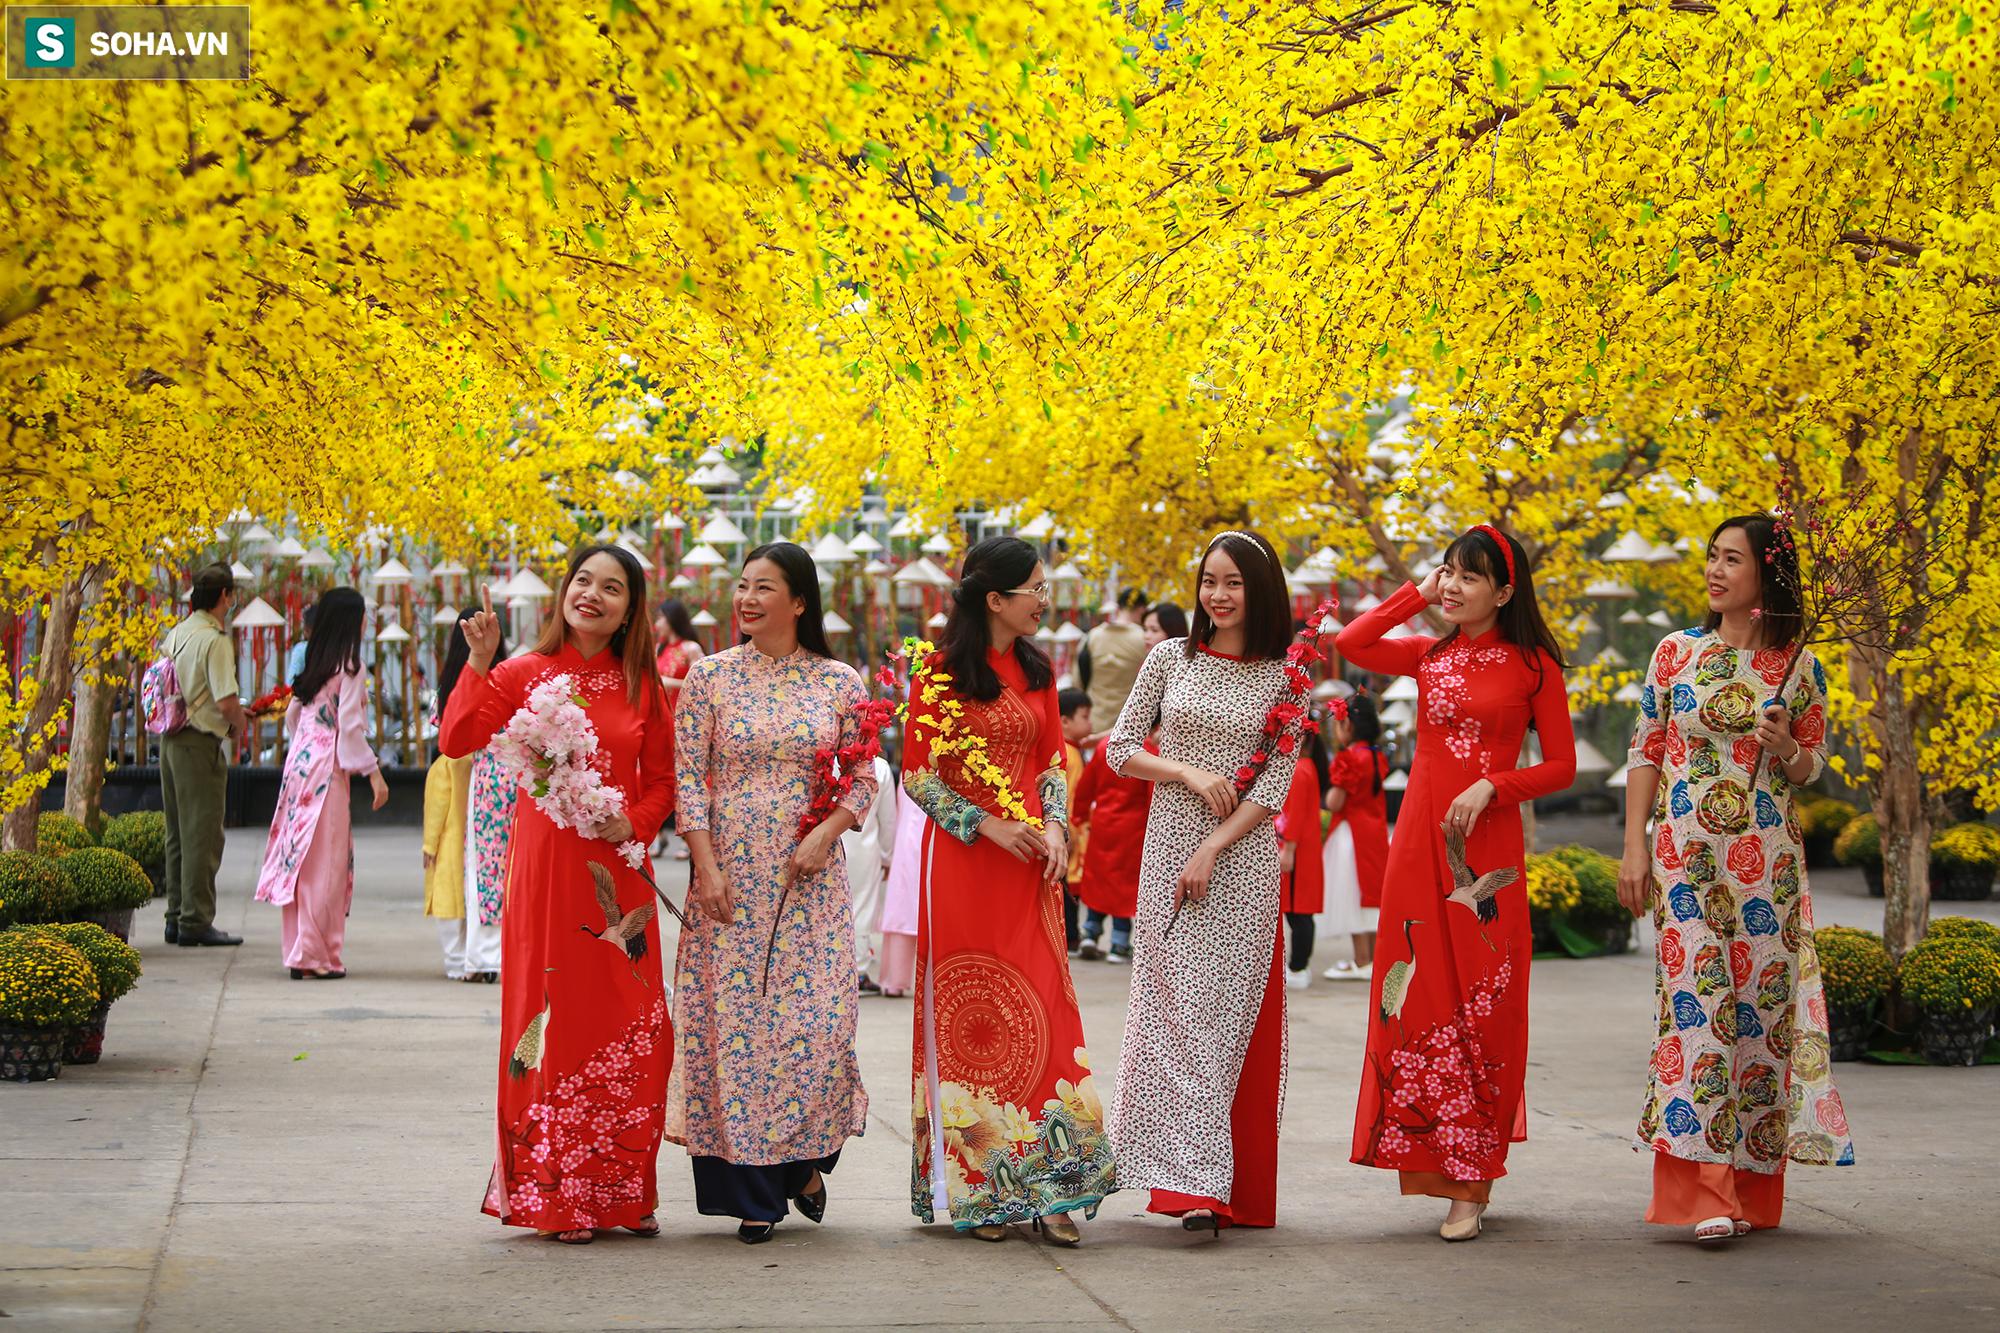 [Ảnh] Thiếu nữ Sài Gòn xinh đẹp xúng xính áo dài check-in sống ảo ở con đường hoa mai - Ảnh 7.